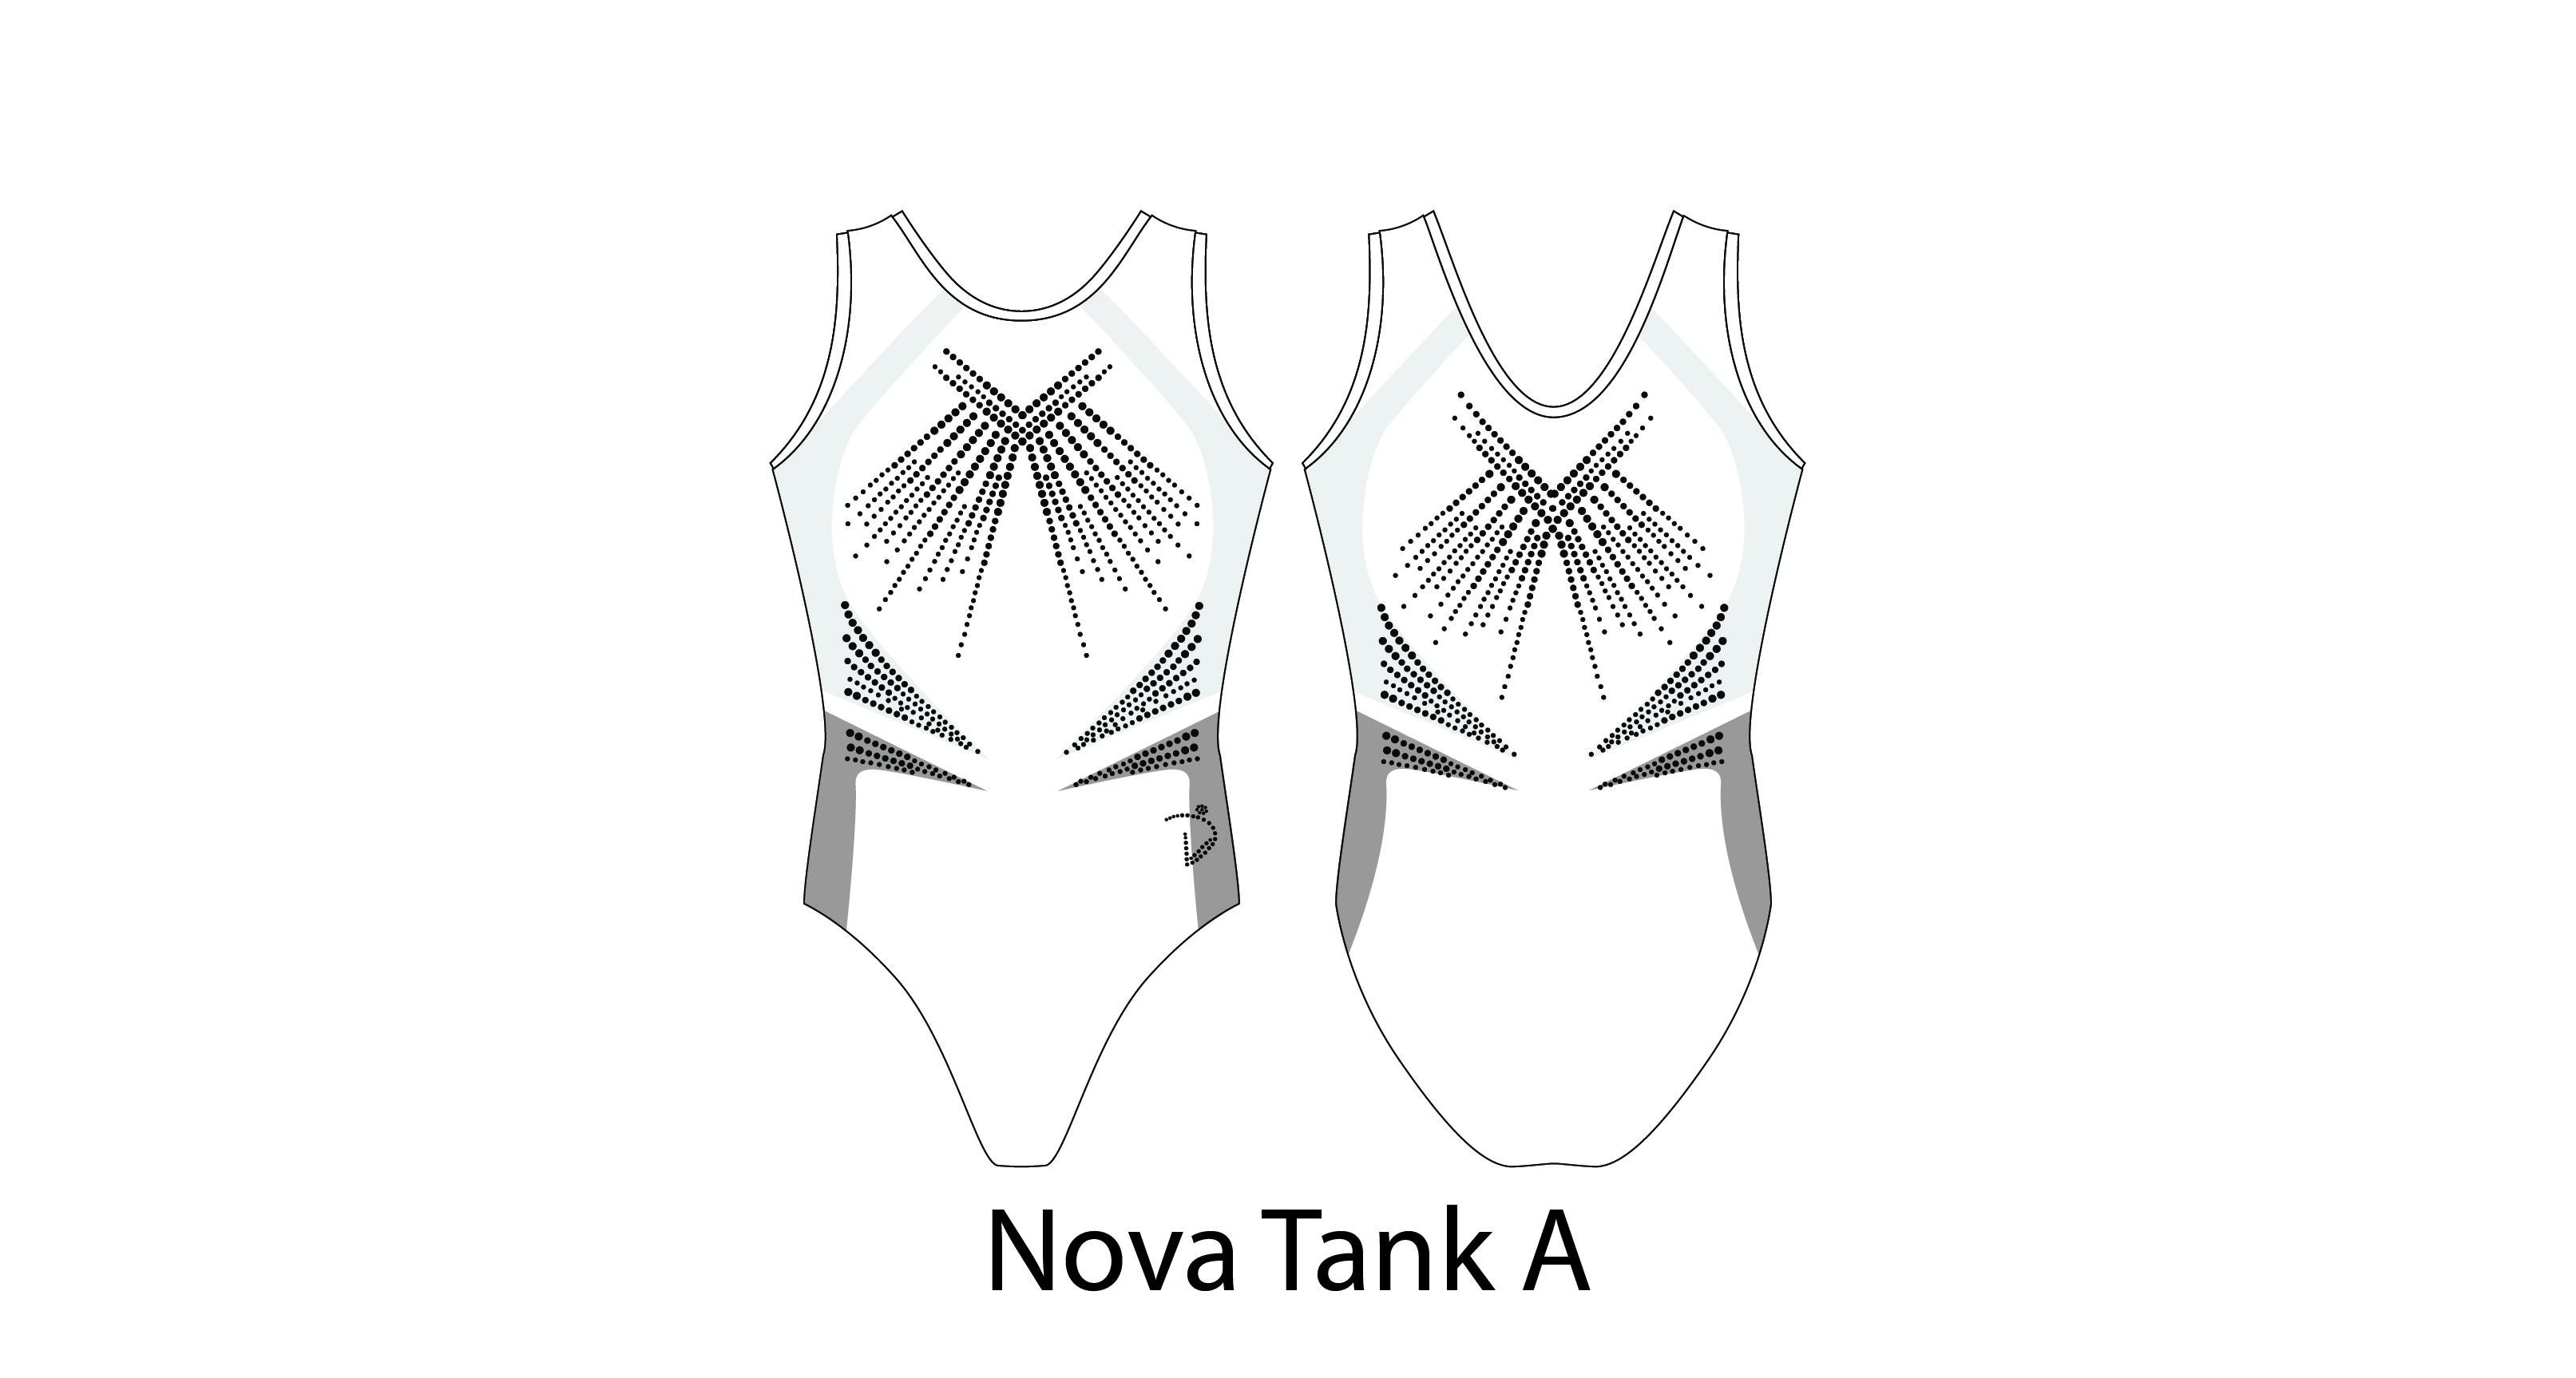 Nova Tank A